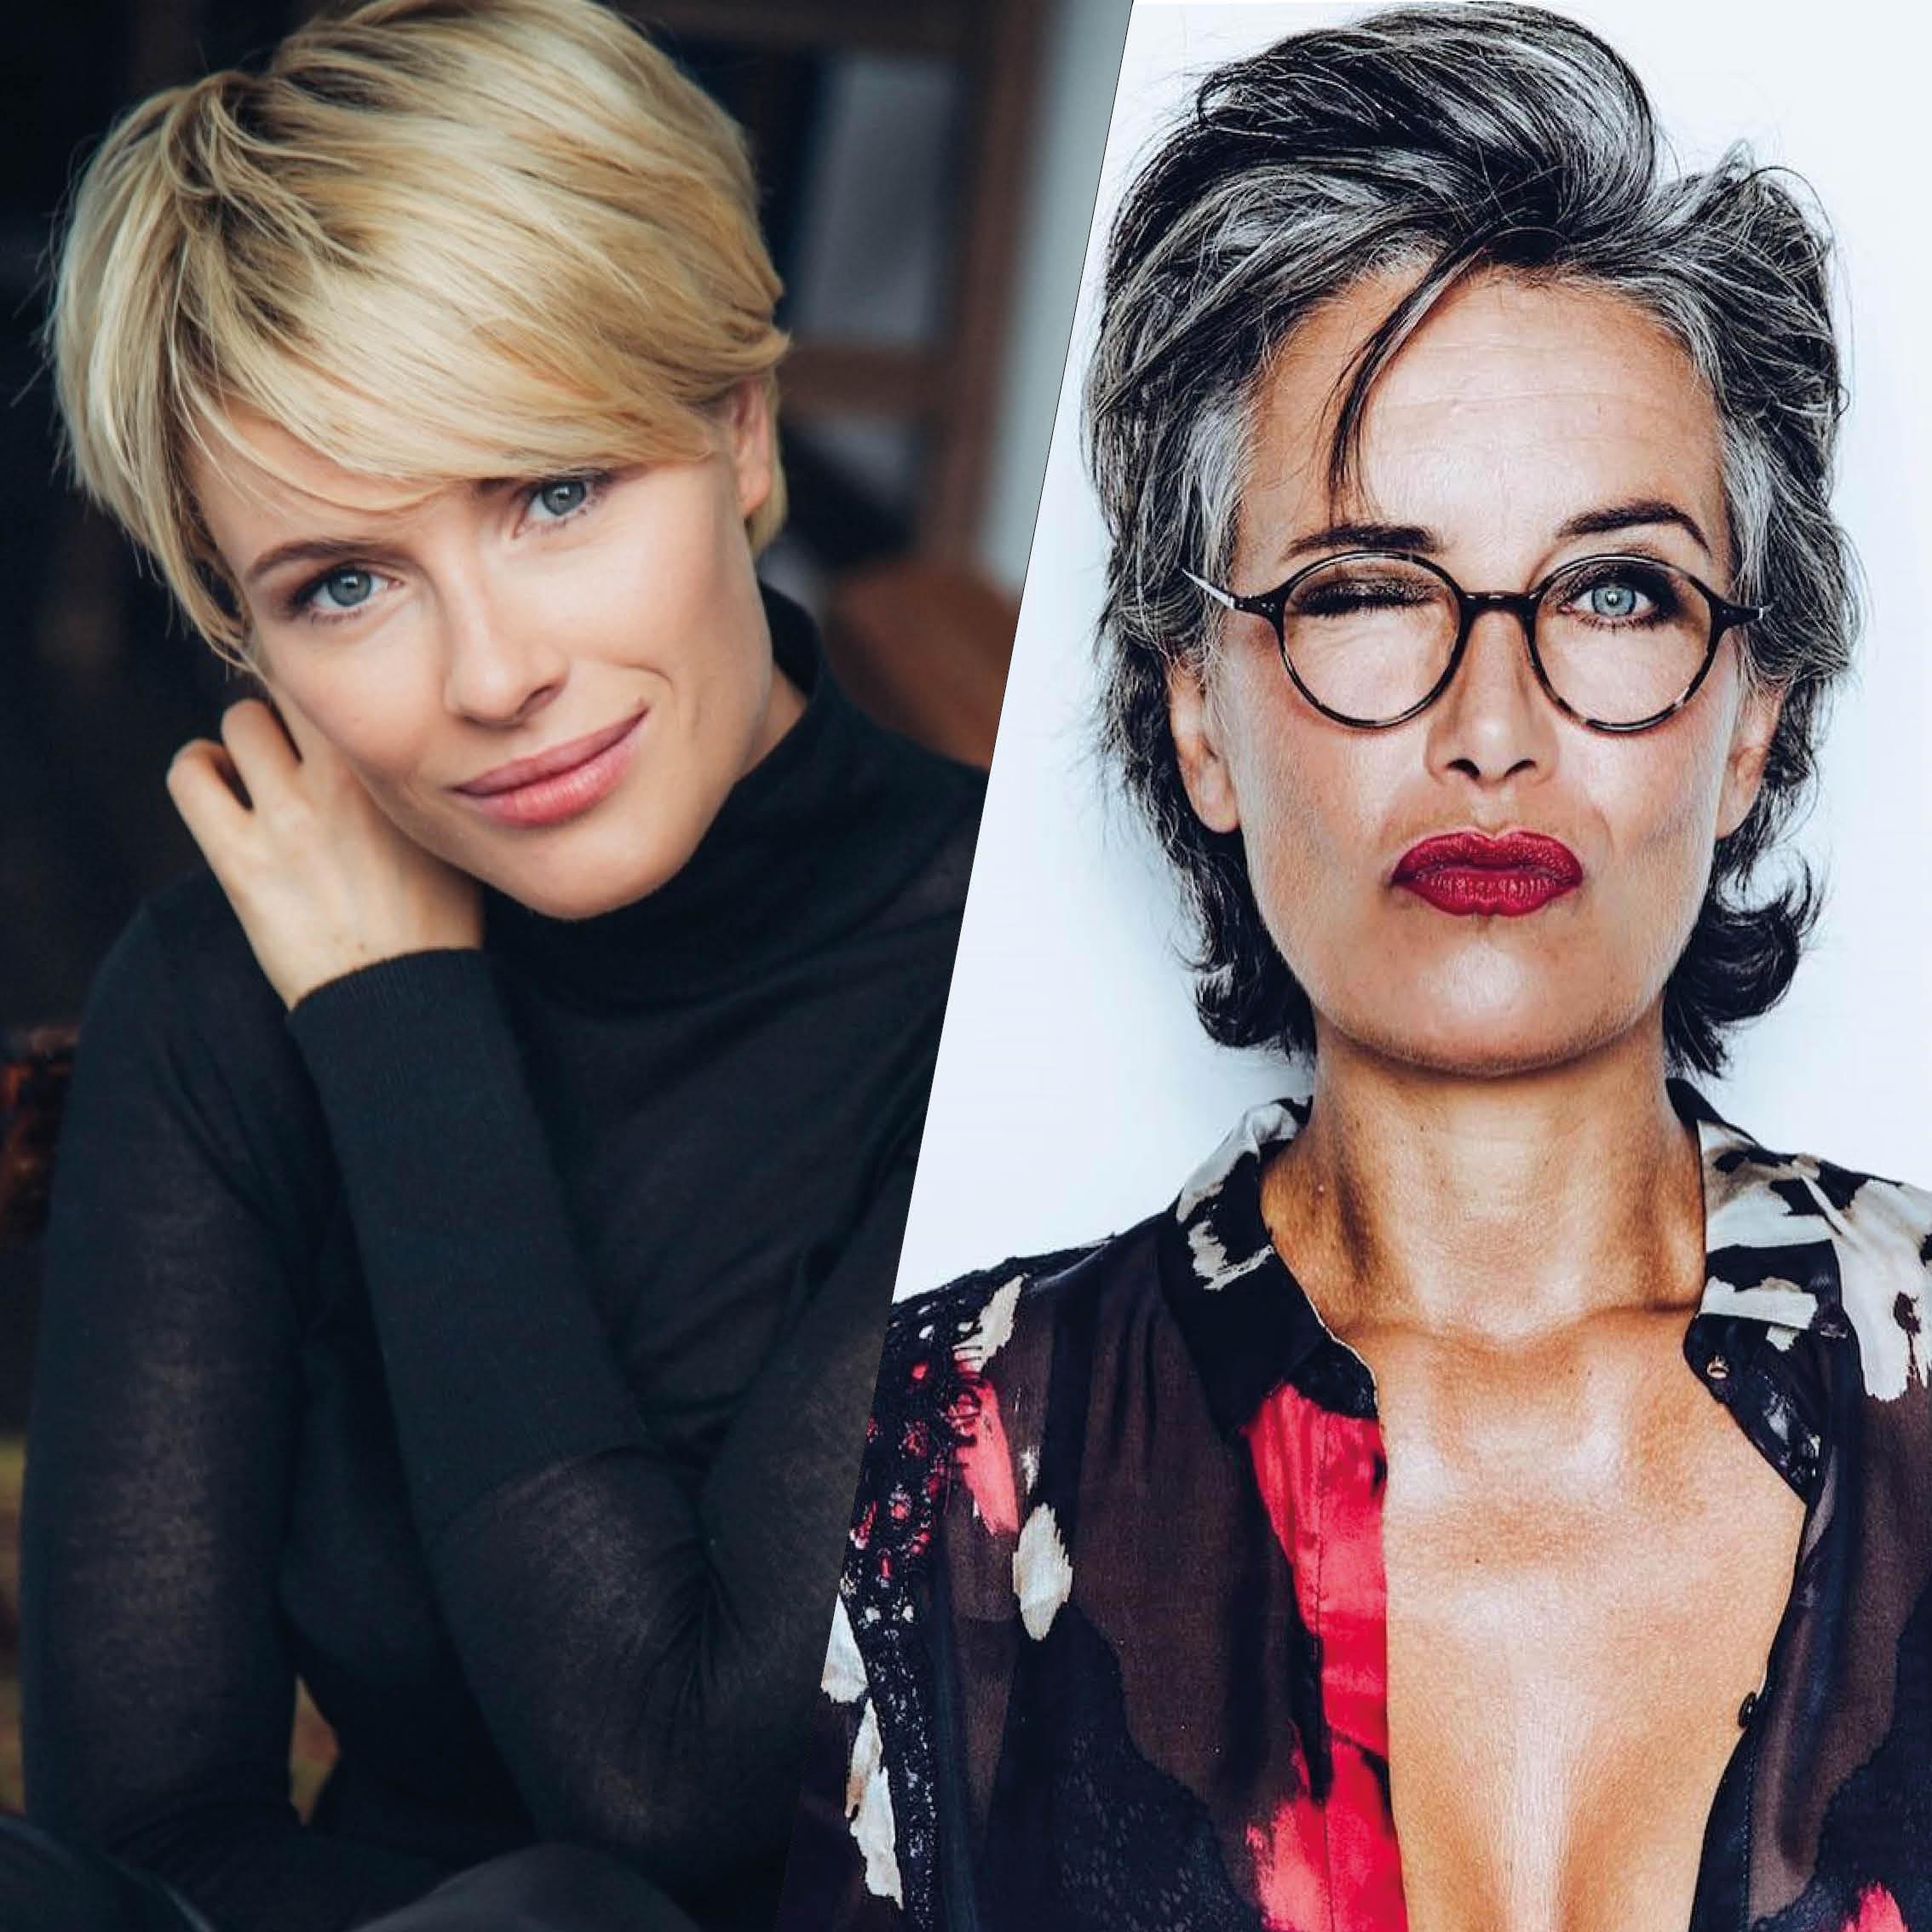 De Sublimes Coiffures Courtes Pour Les Femmes De 50 Et Plus